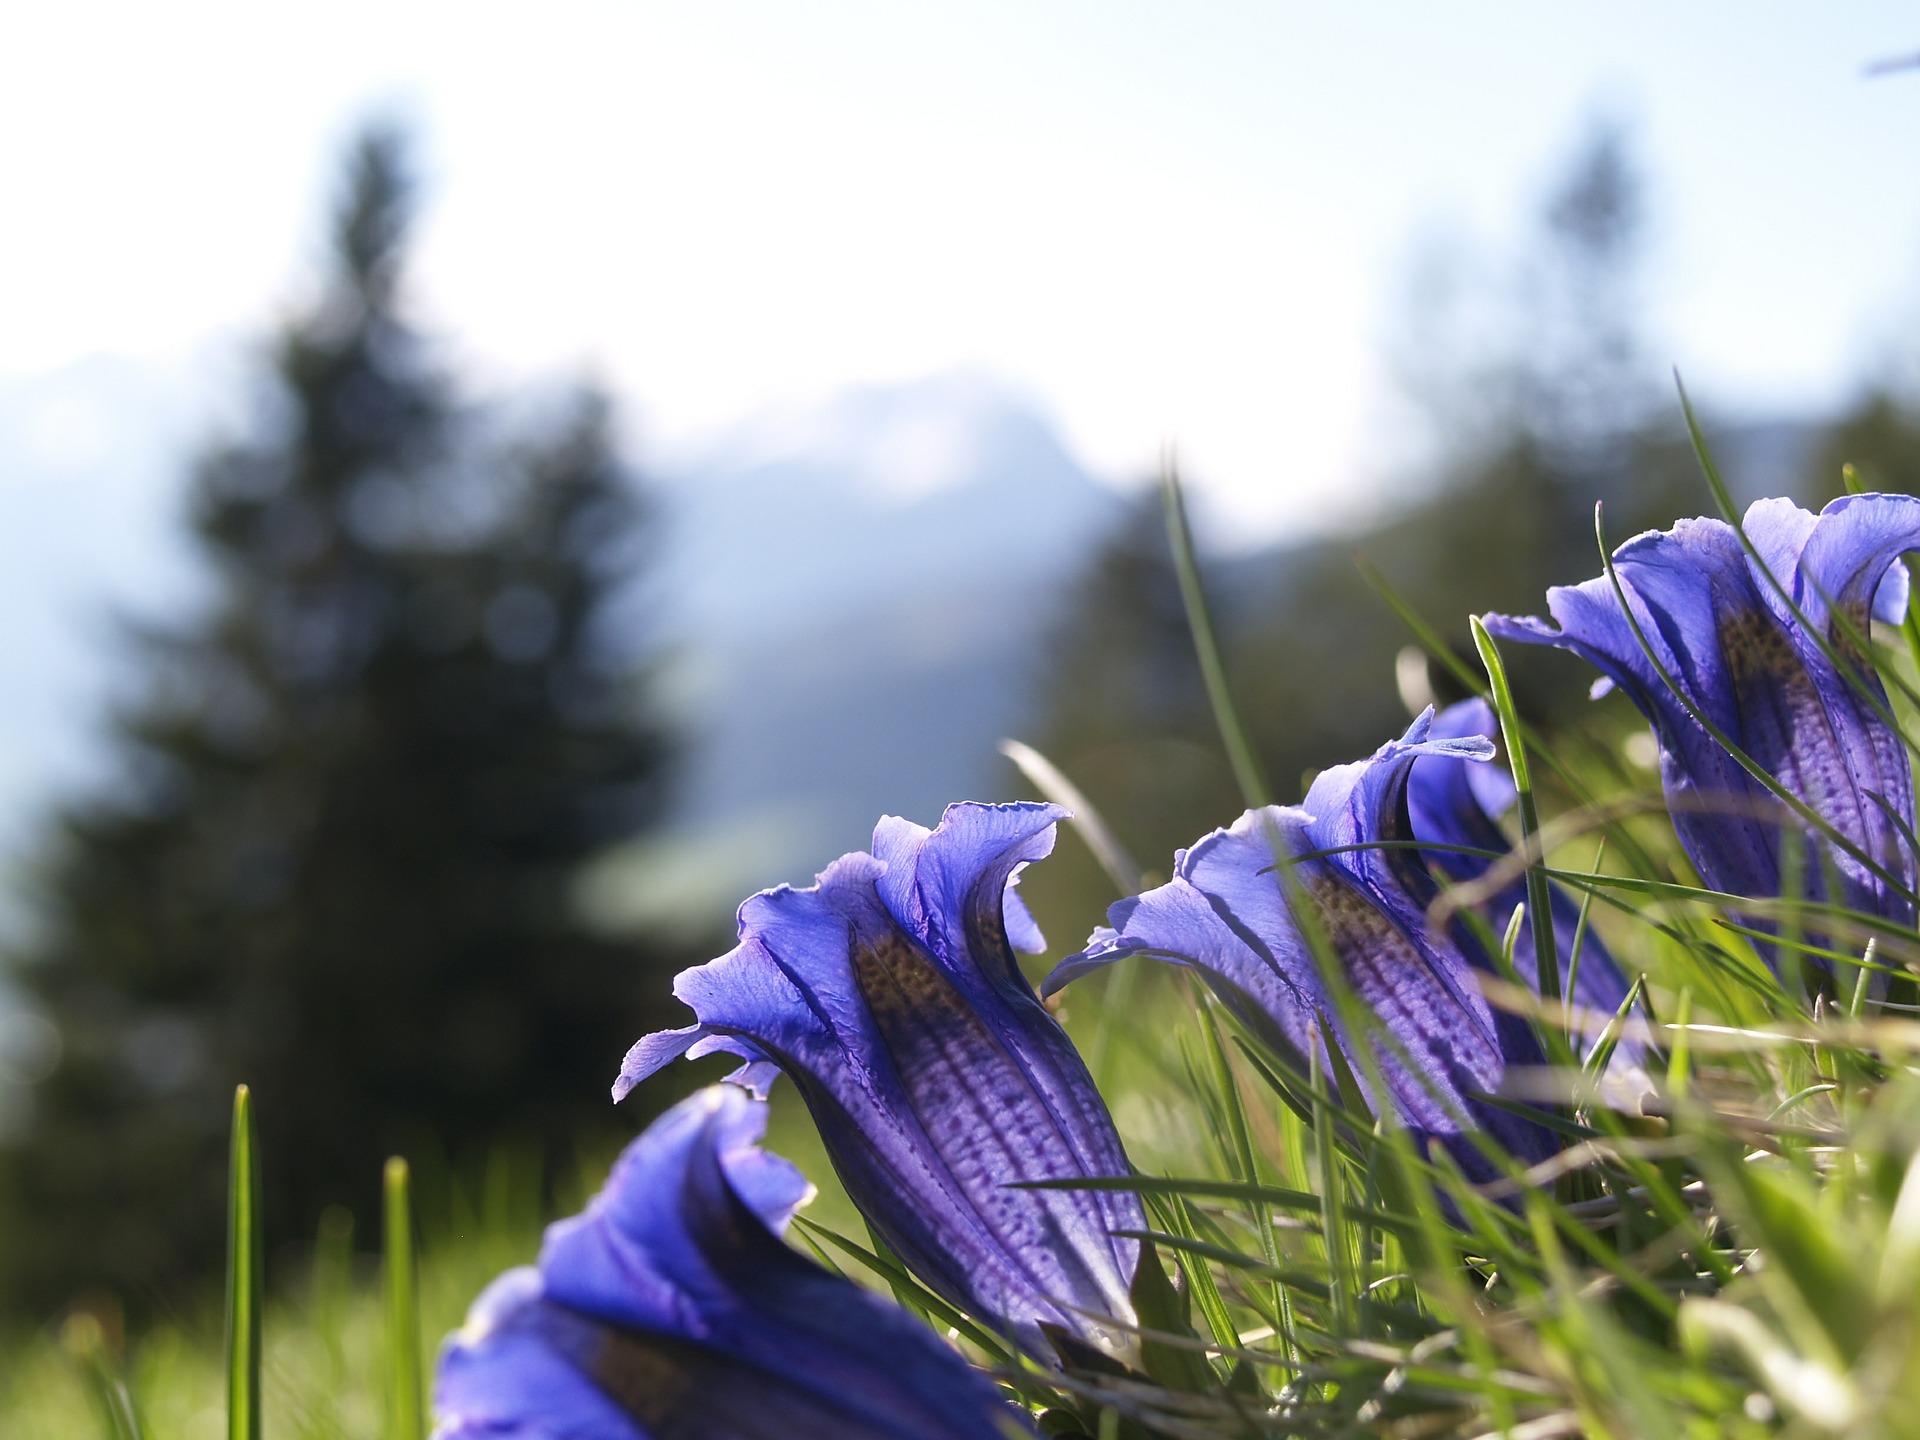 Um den steigenden Temperaturen zu entkommen, müssen Bergpflanzen wie der Enzian in höhere, kältere Gebiete wandern.